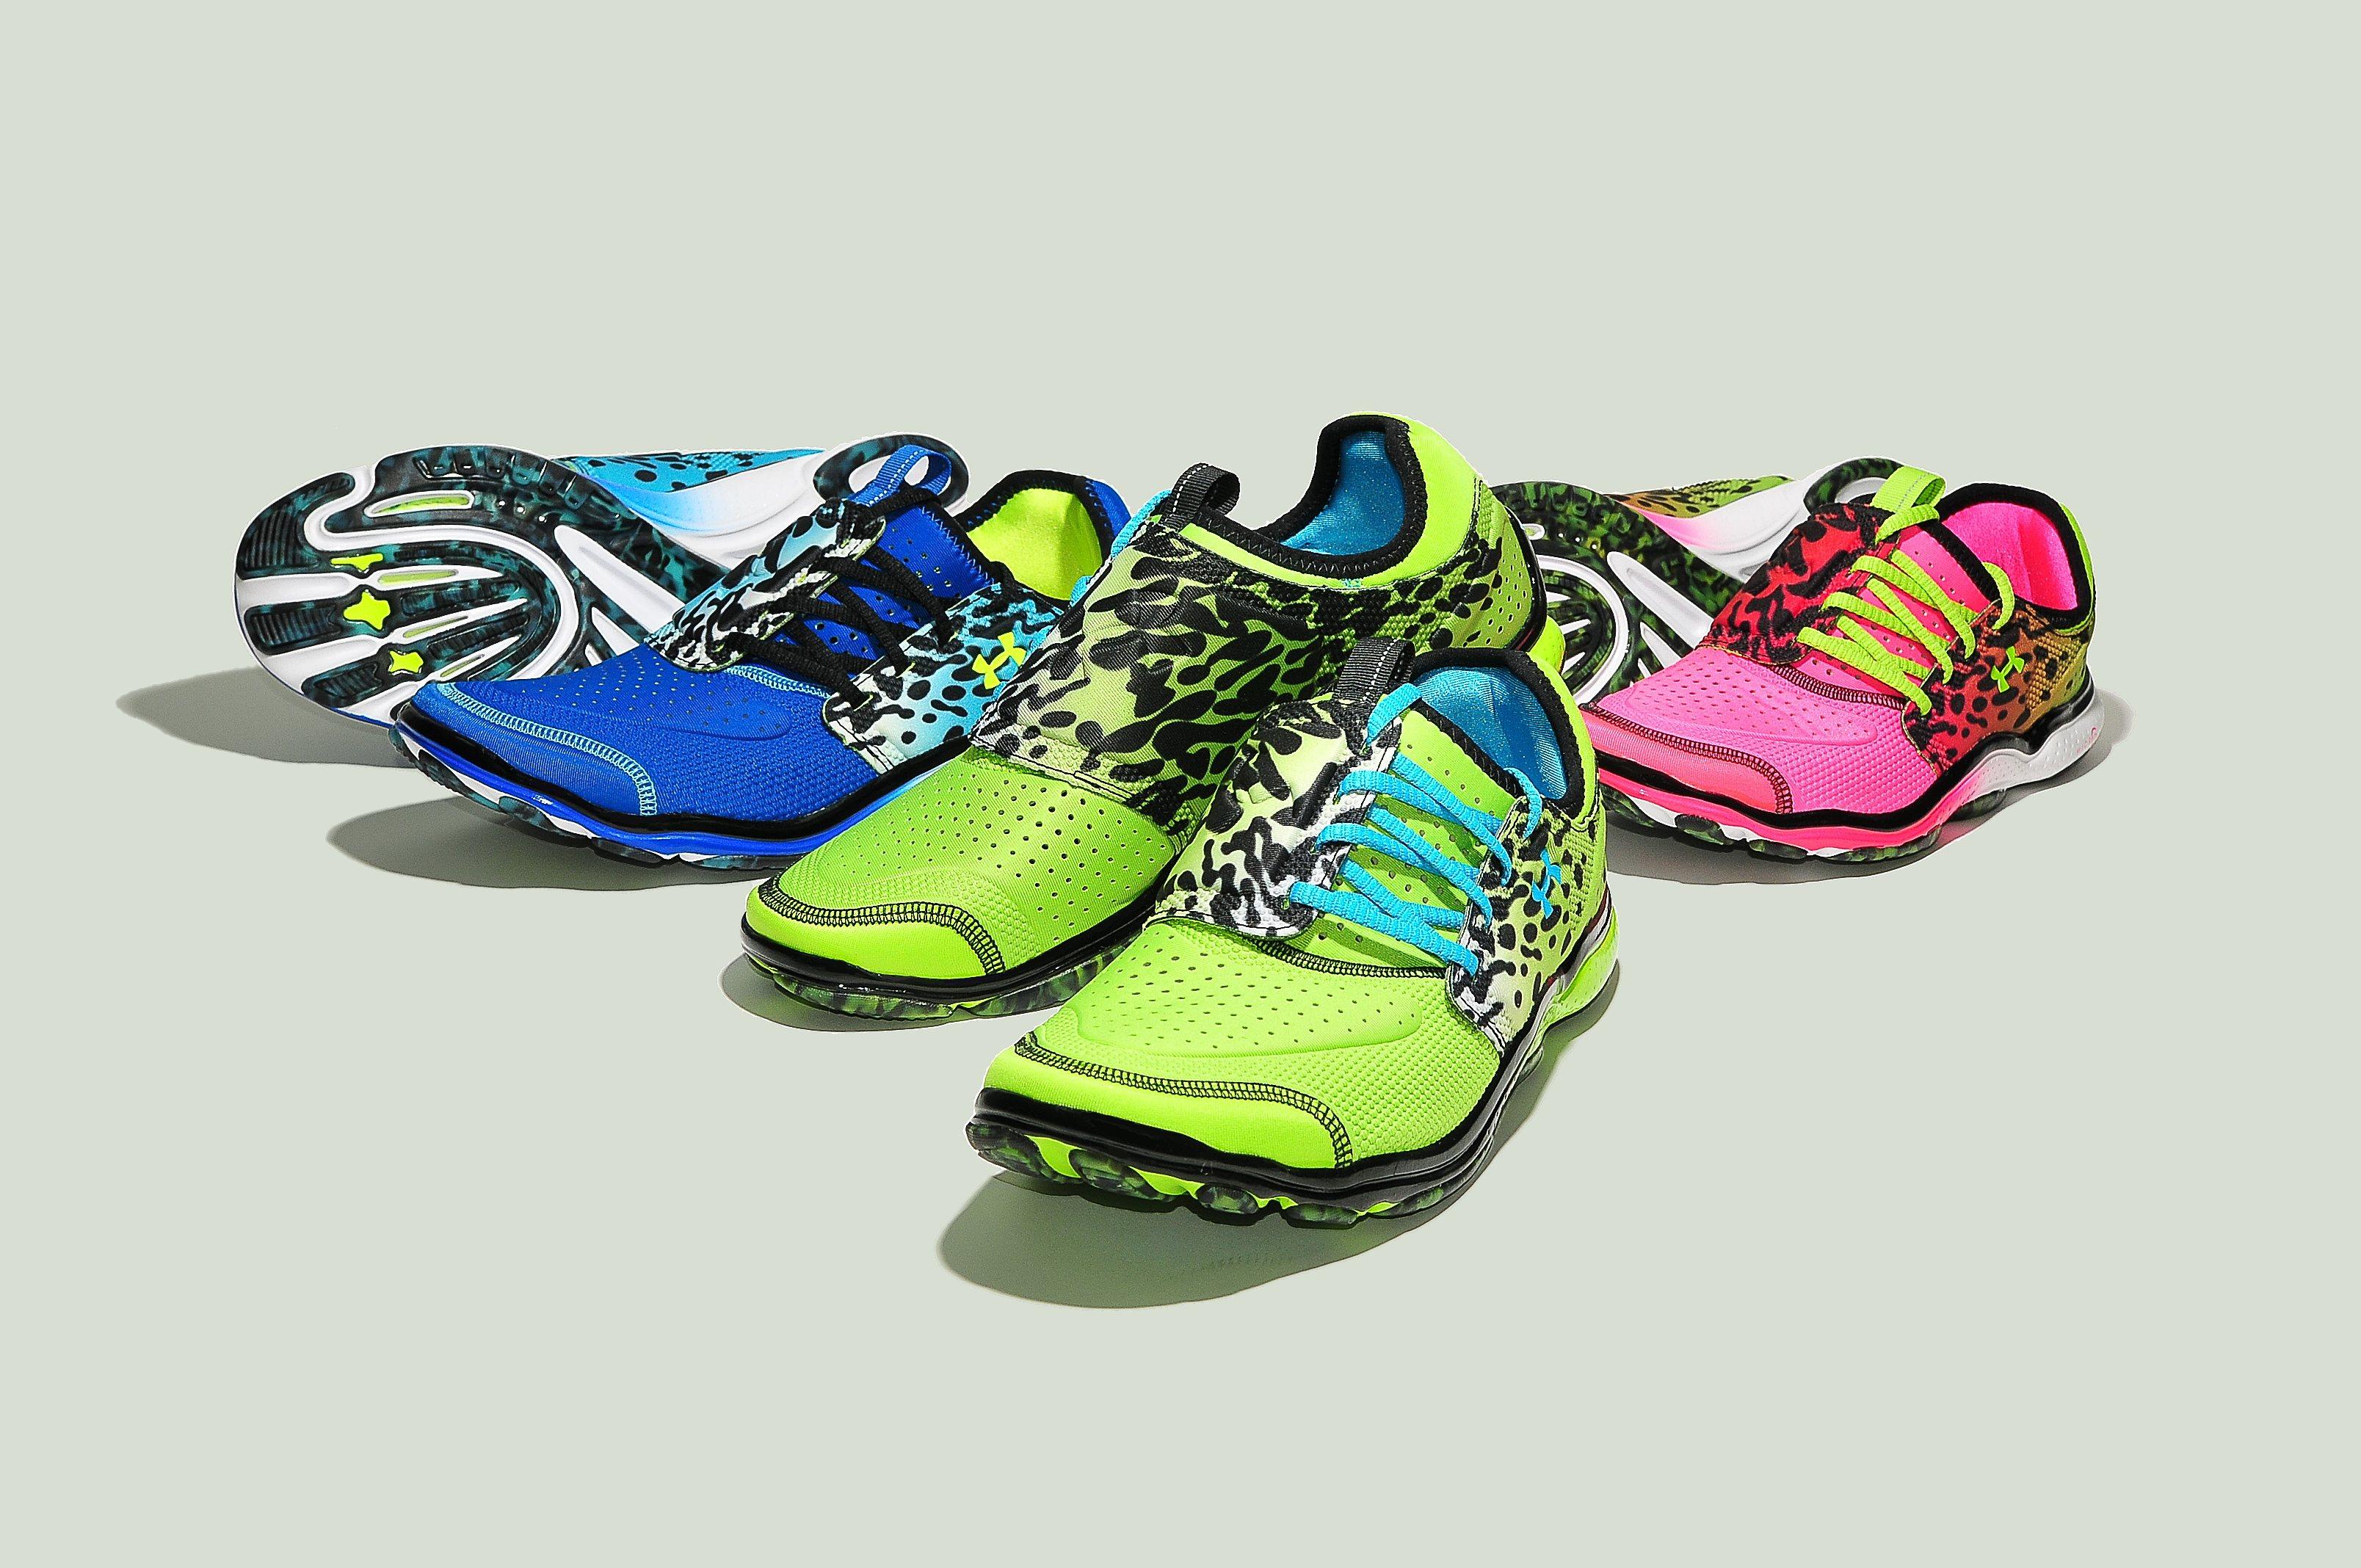 tania wyprzedaż usa style mody oryginalne buty UNDER ARMOUR TOXIC SIX / 跑道上的輕快毒蛙– KENLU.net